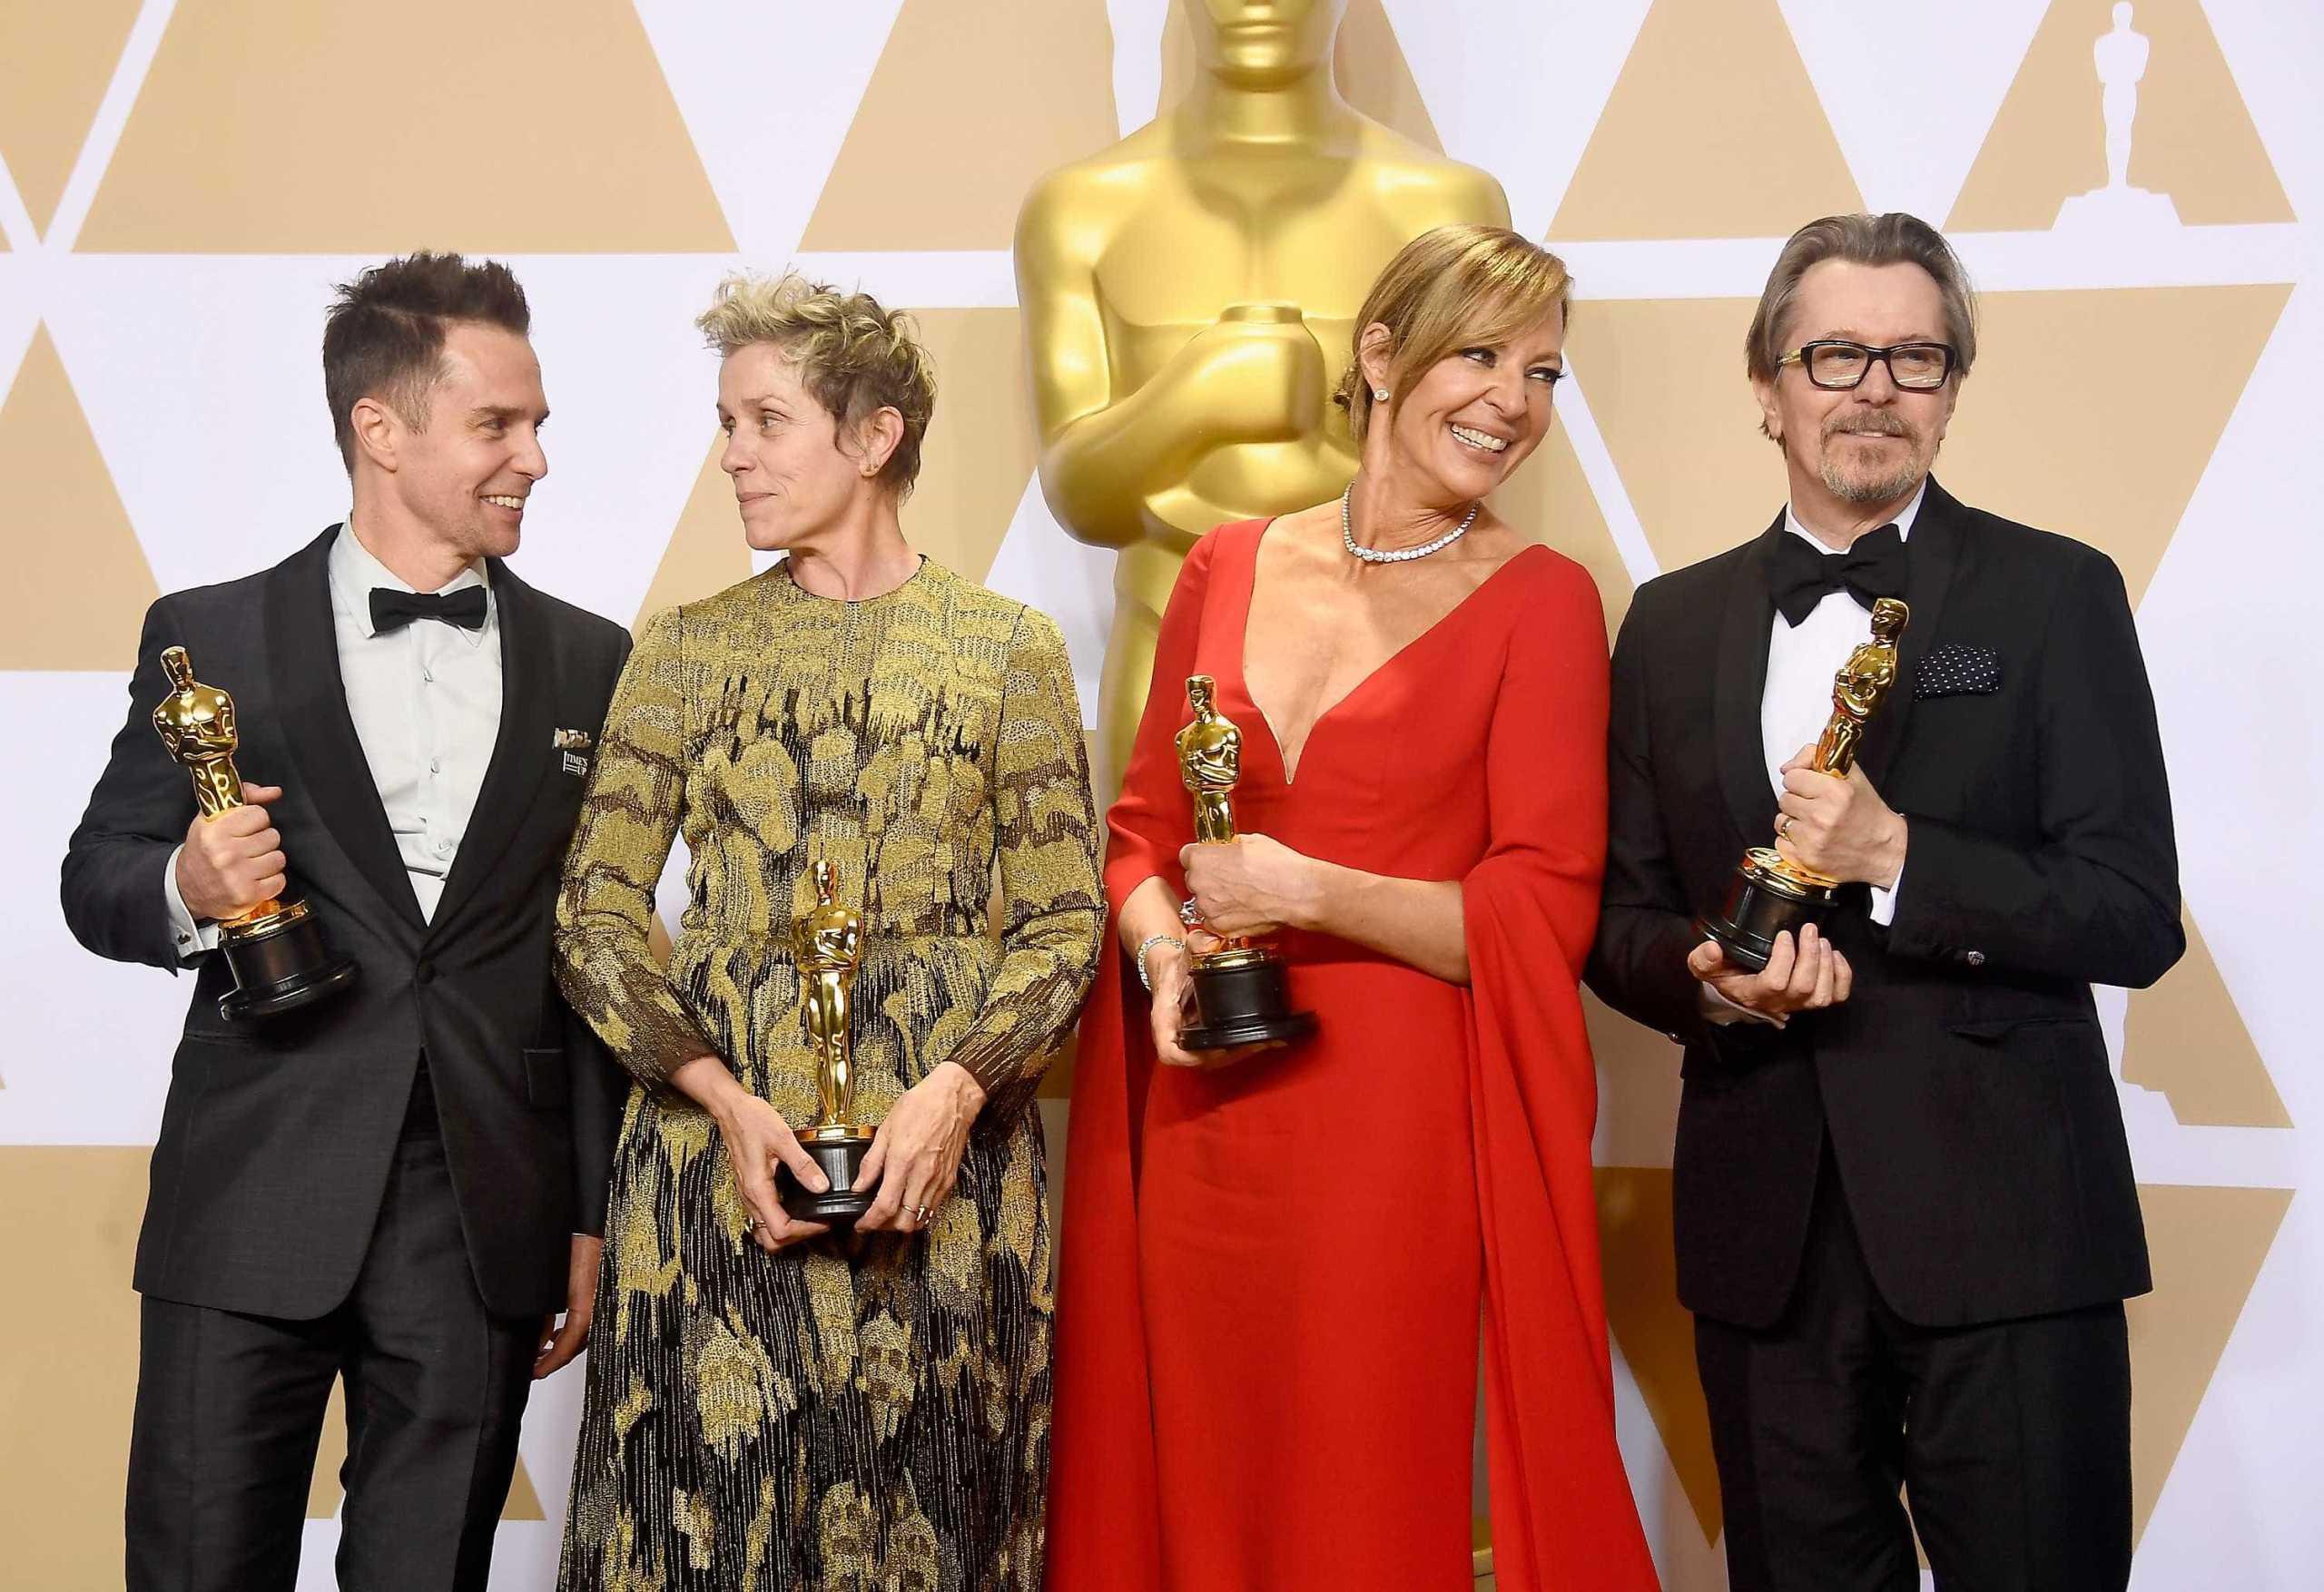 Óscares: próximas datas importantes já estão marcadas